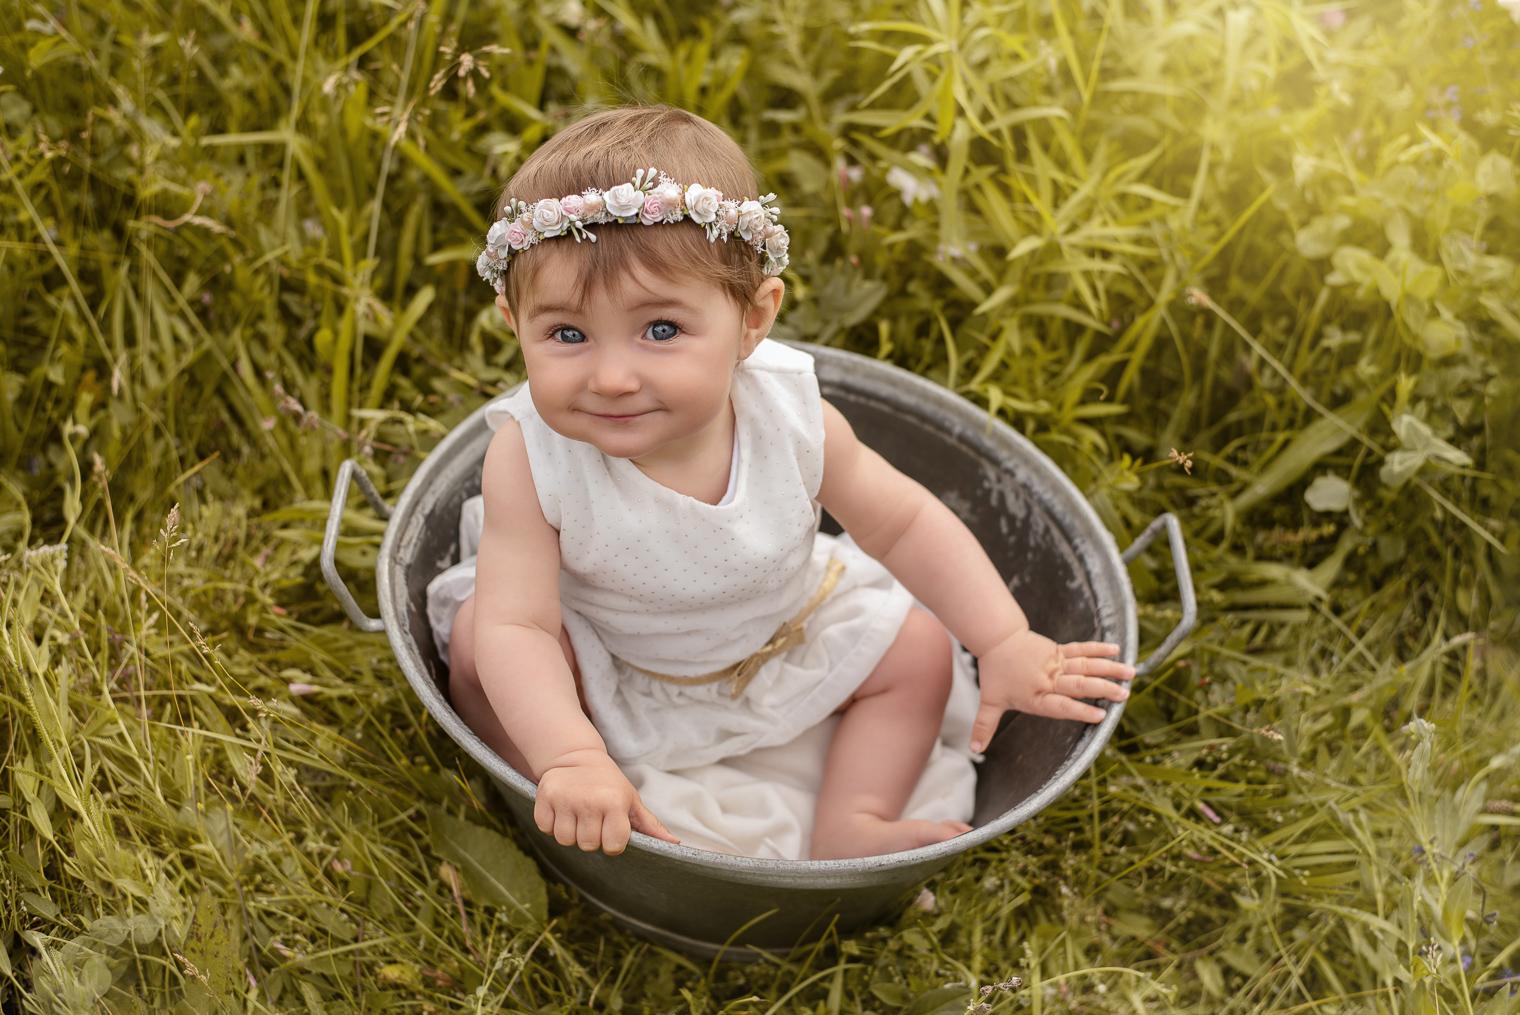 belinda lopez photo bebe enfant photographie famille grossesse nouveau-ne maternite photographe bourg-saint-maurice savoie belindalopez.fr-38